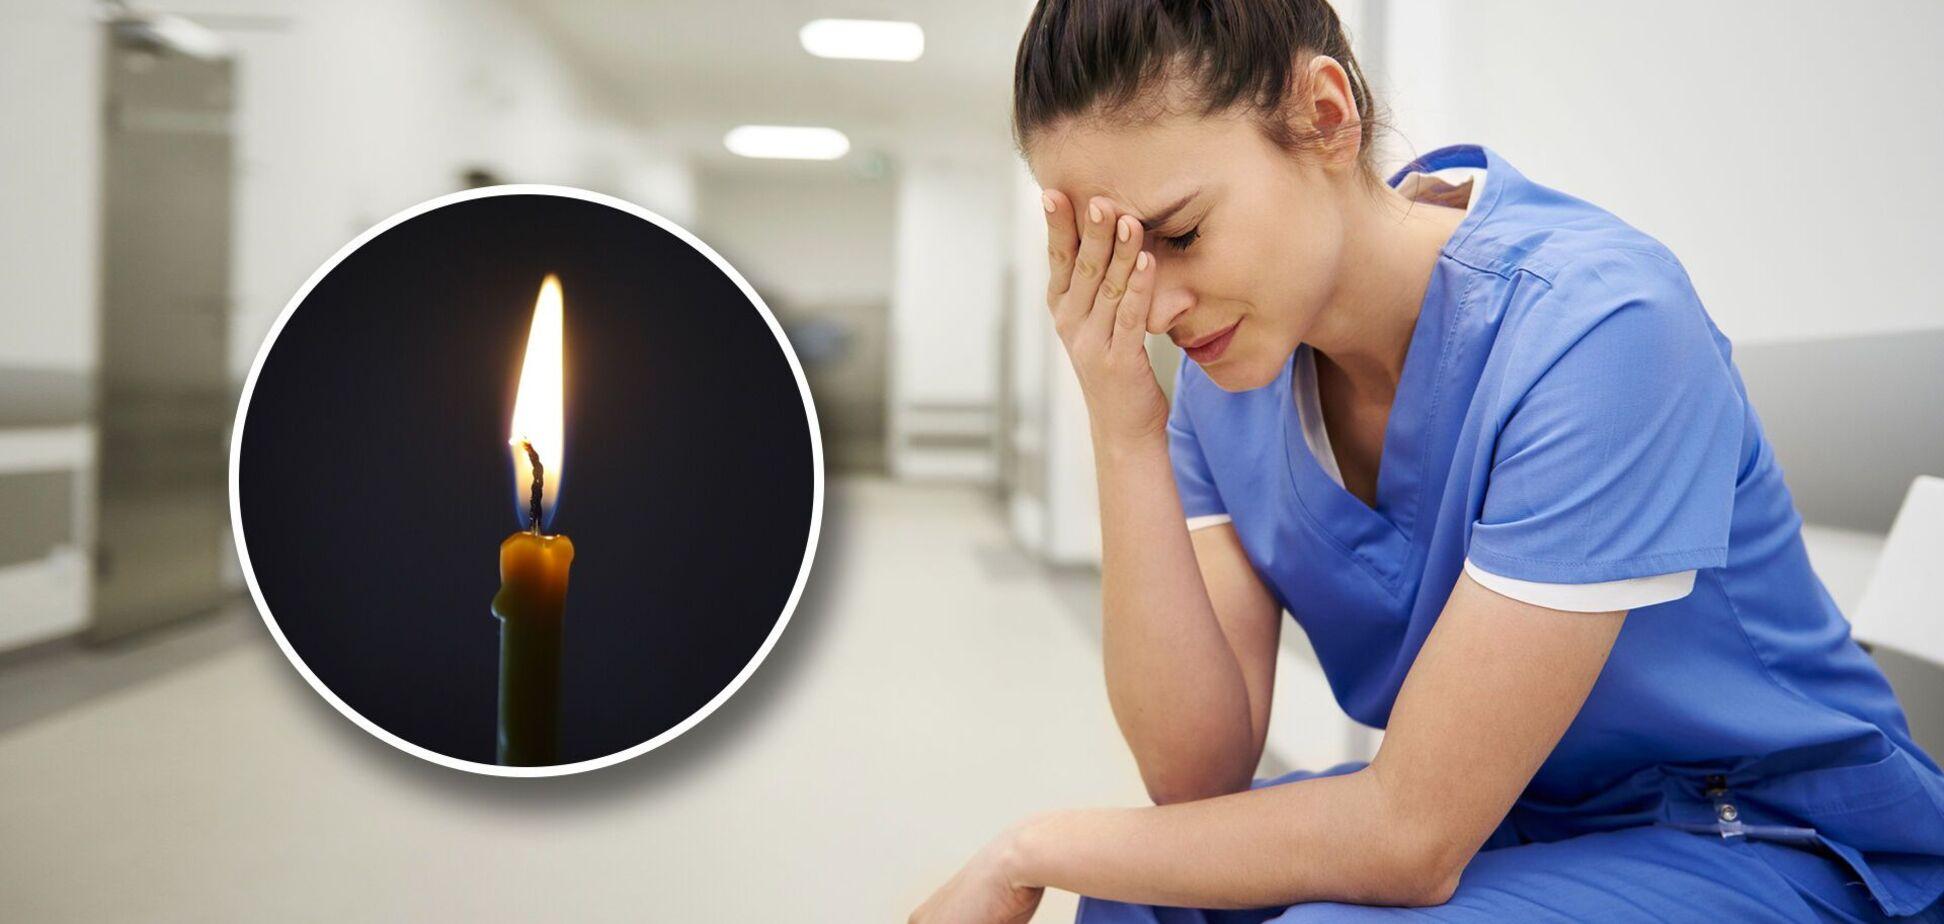 Пацієнт помер через брак кисню в лікарні